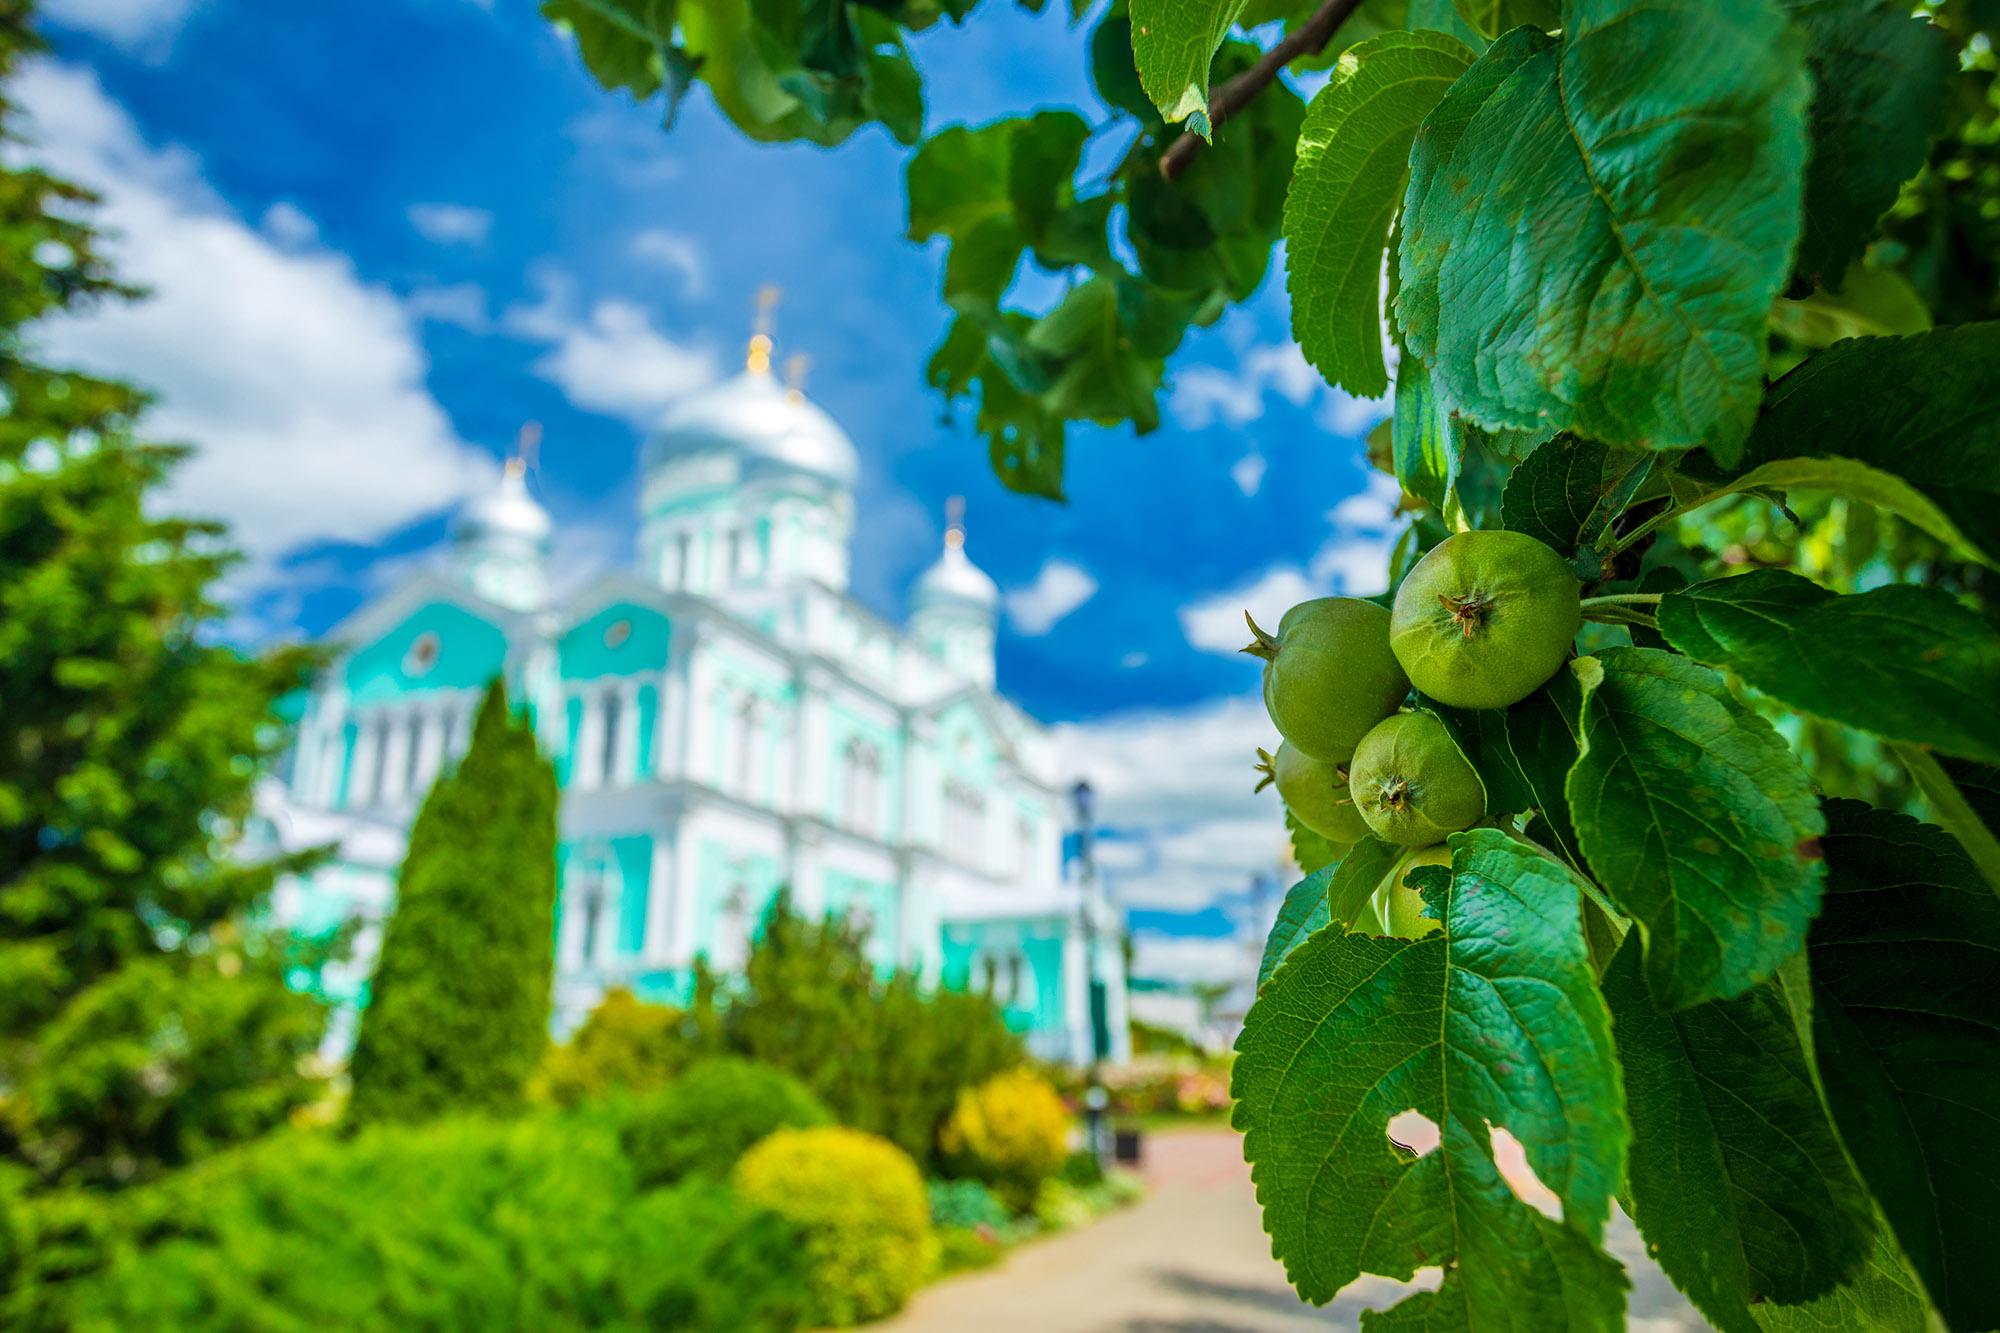 Более 4,3 тысяч россиян посетили Нижегородскую область по программе туристического кэшбэка